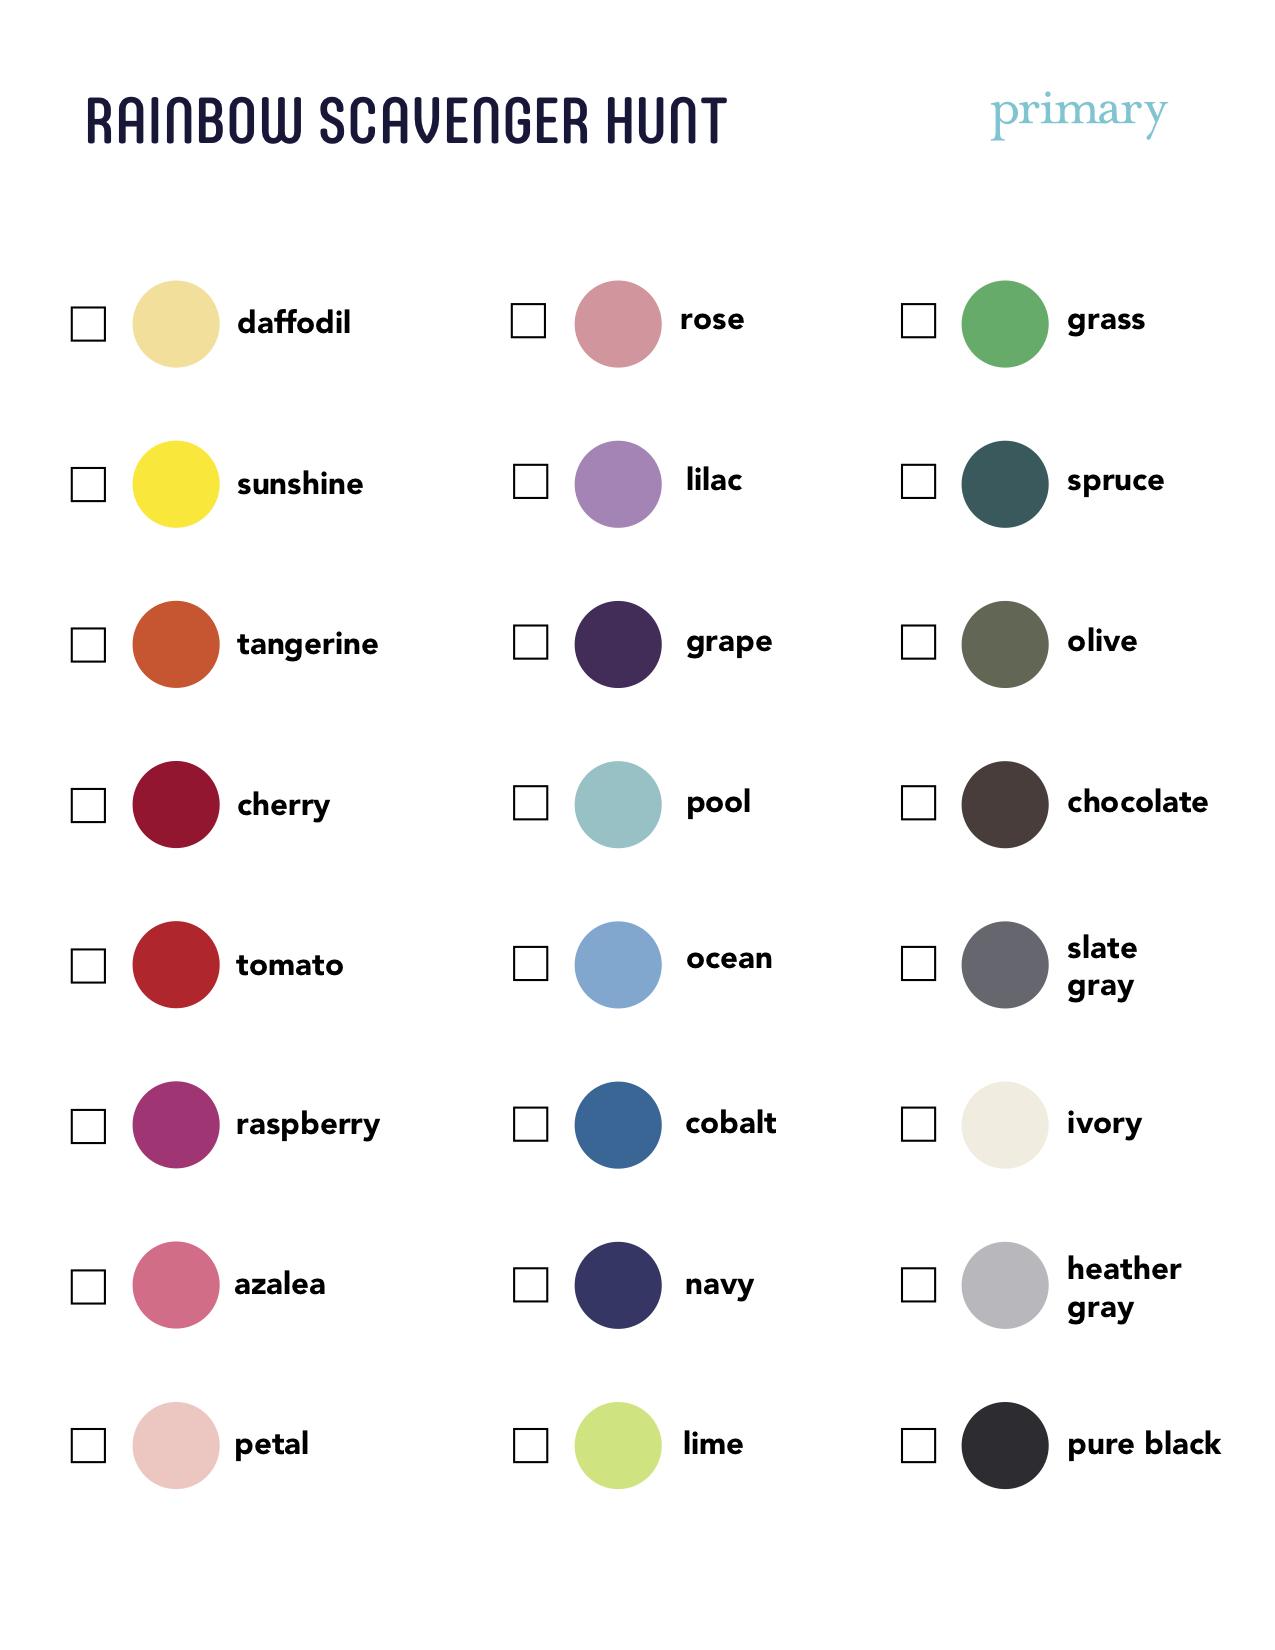 RainbowScavengerHunt_Colors.jpg